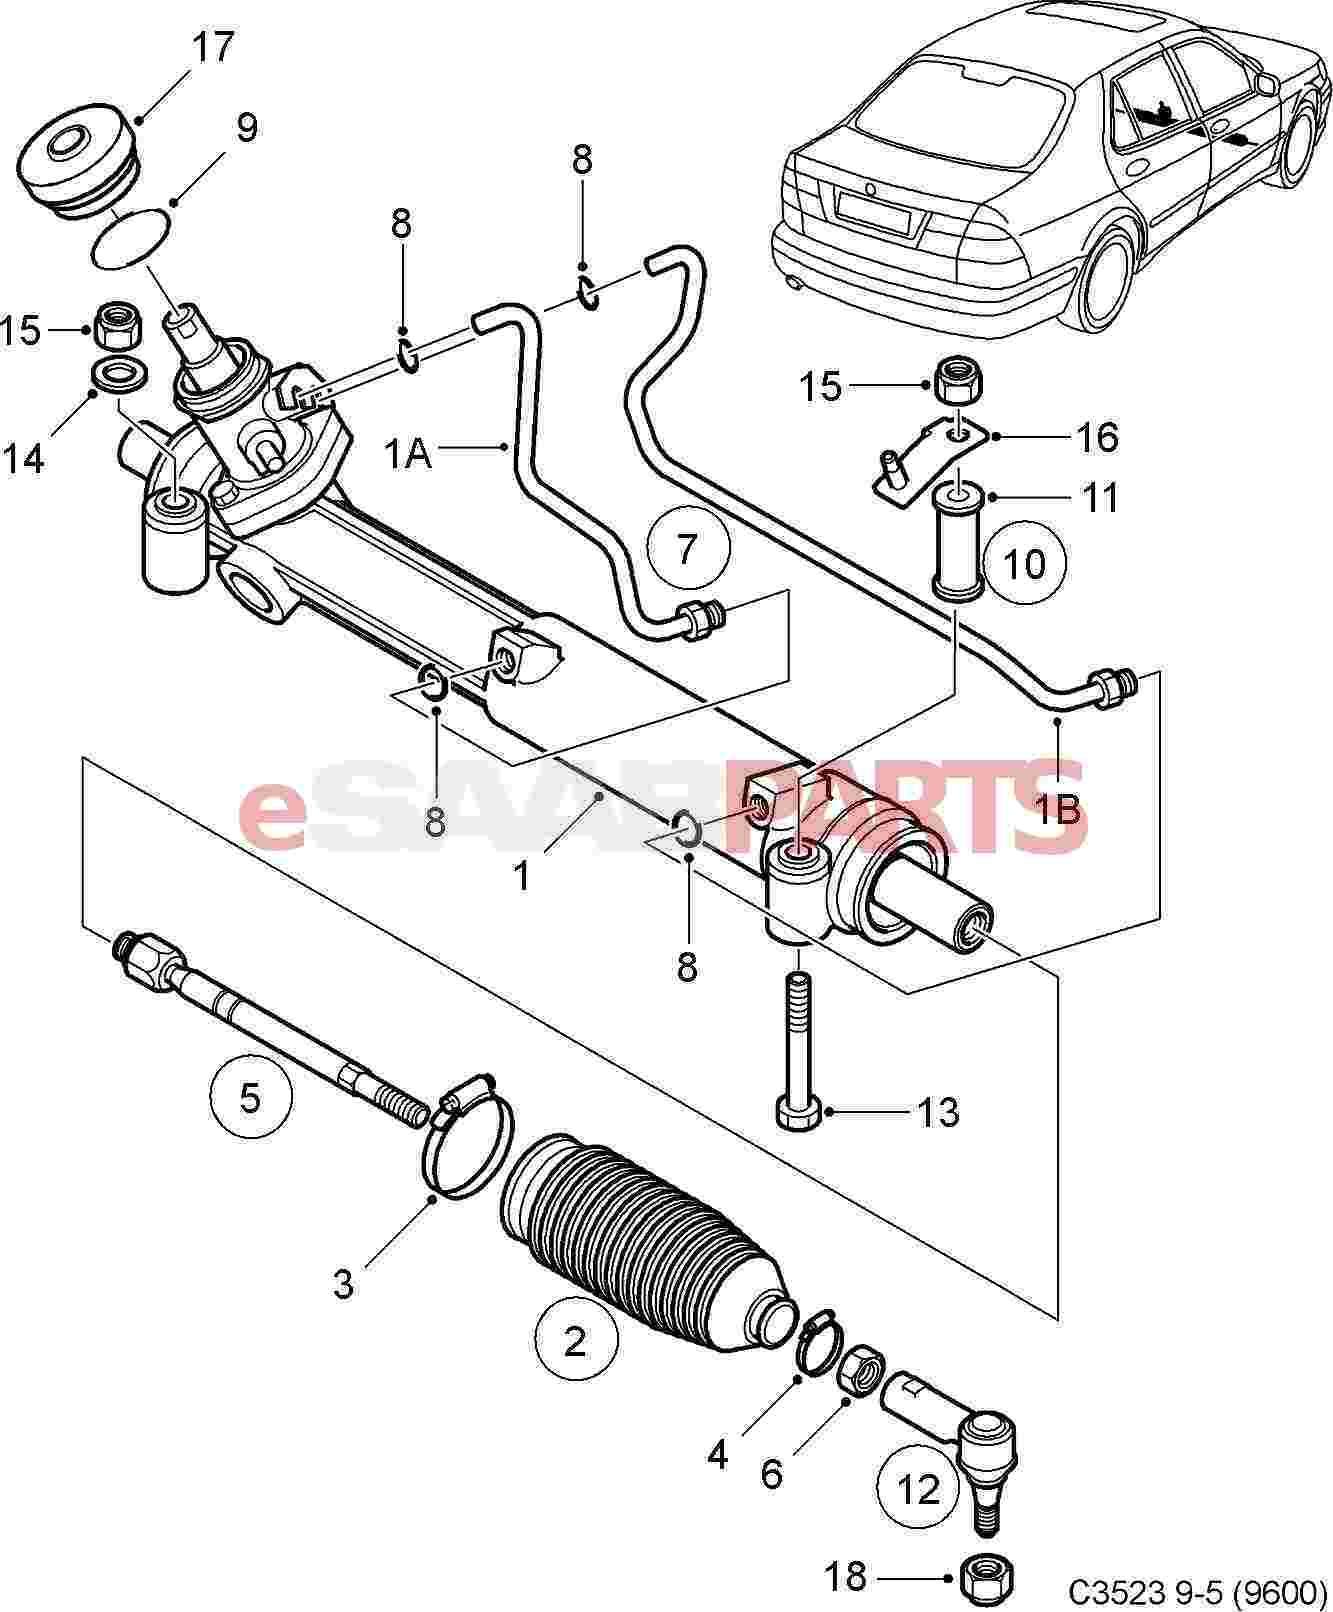 1 Steering Tie Rod End-Meyle Steering Tie Rod End WD Express fits  Saab 9-5